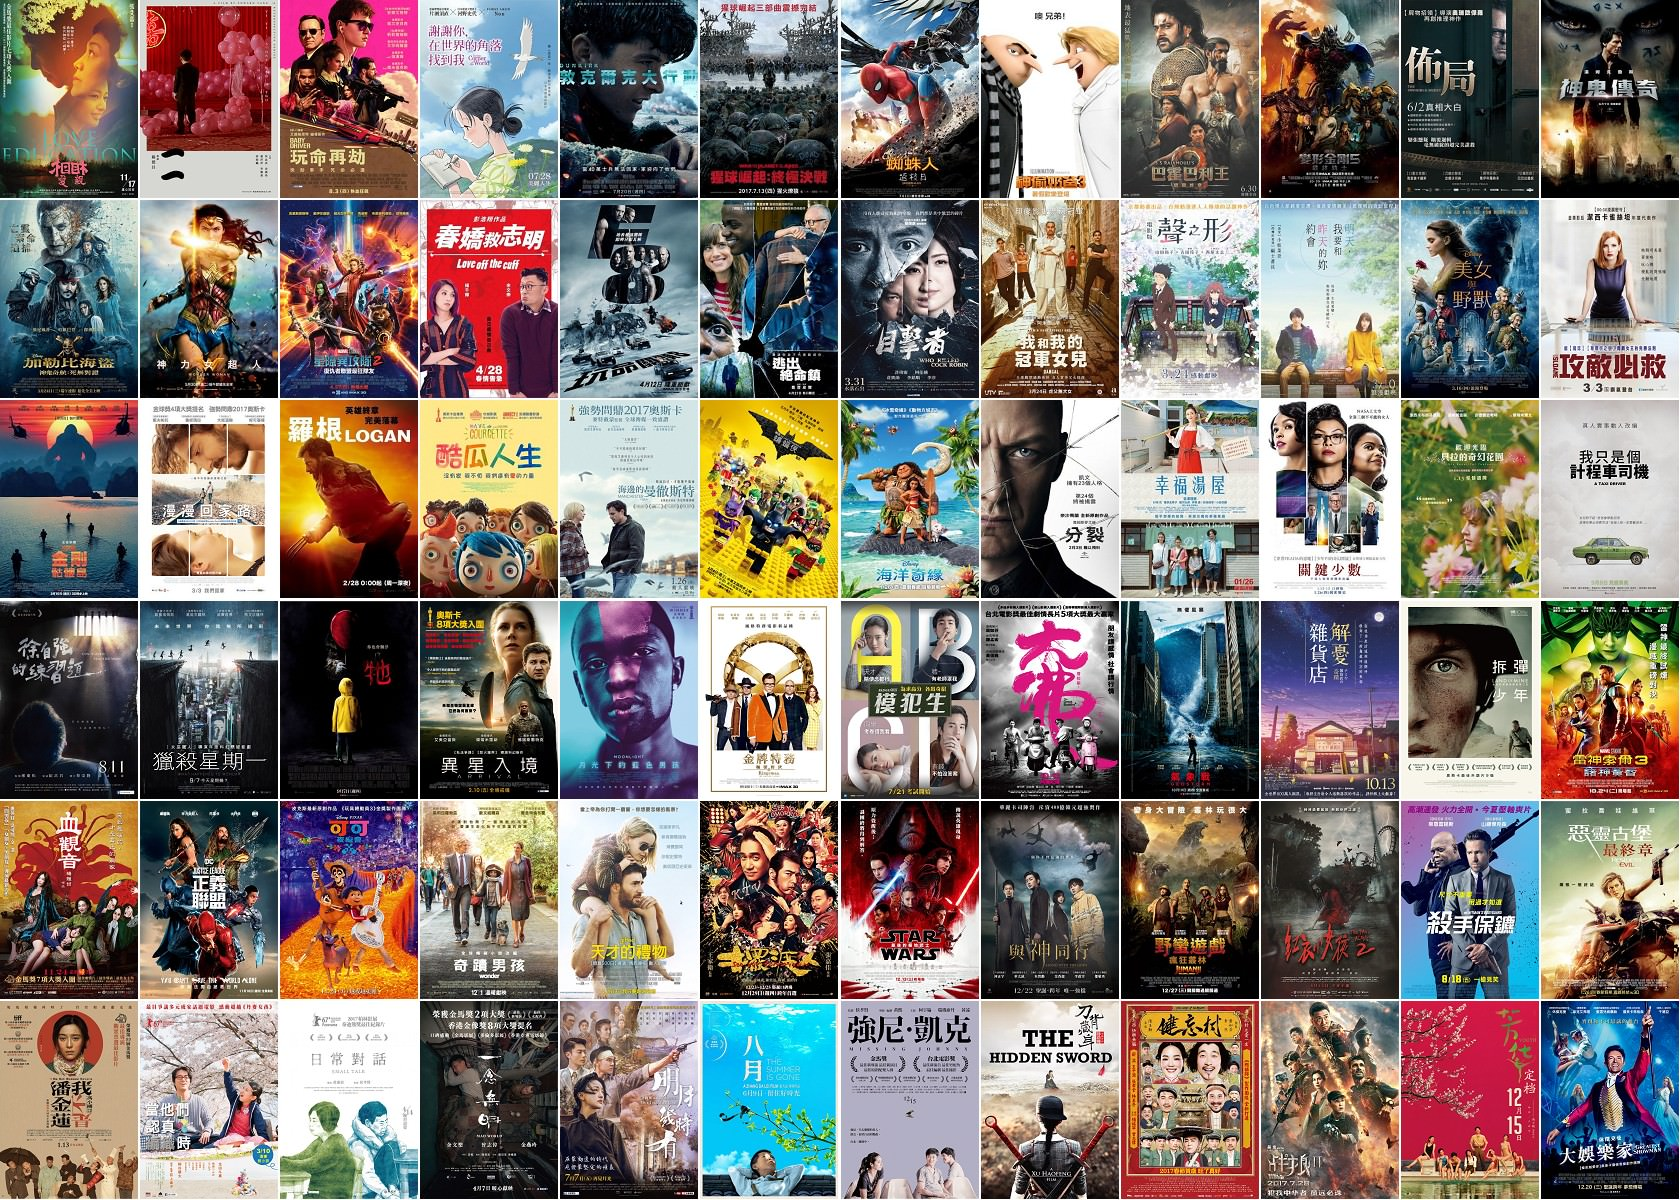 年度推薦電影, 2017年